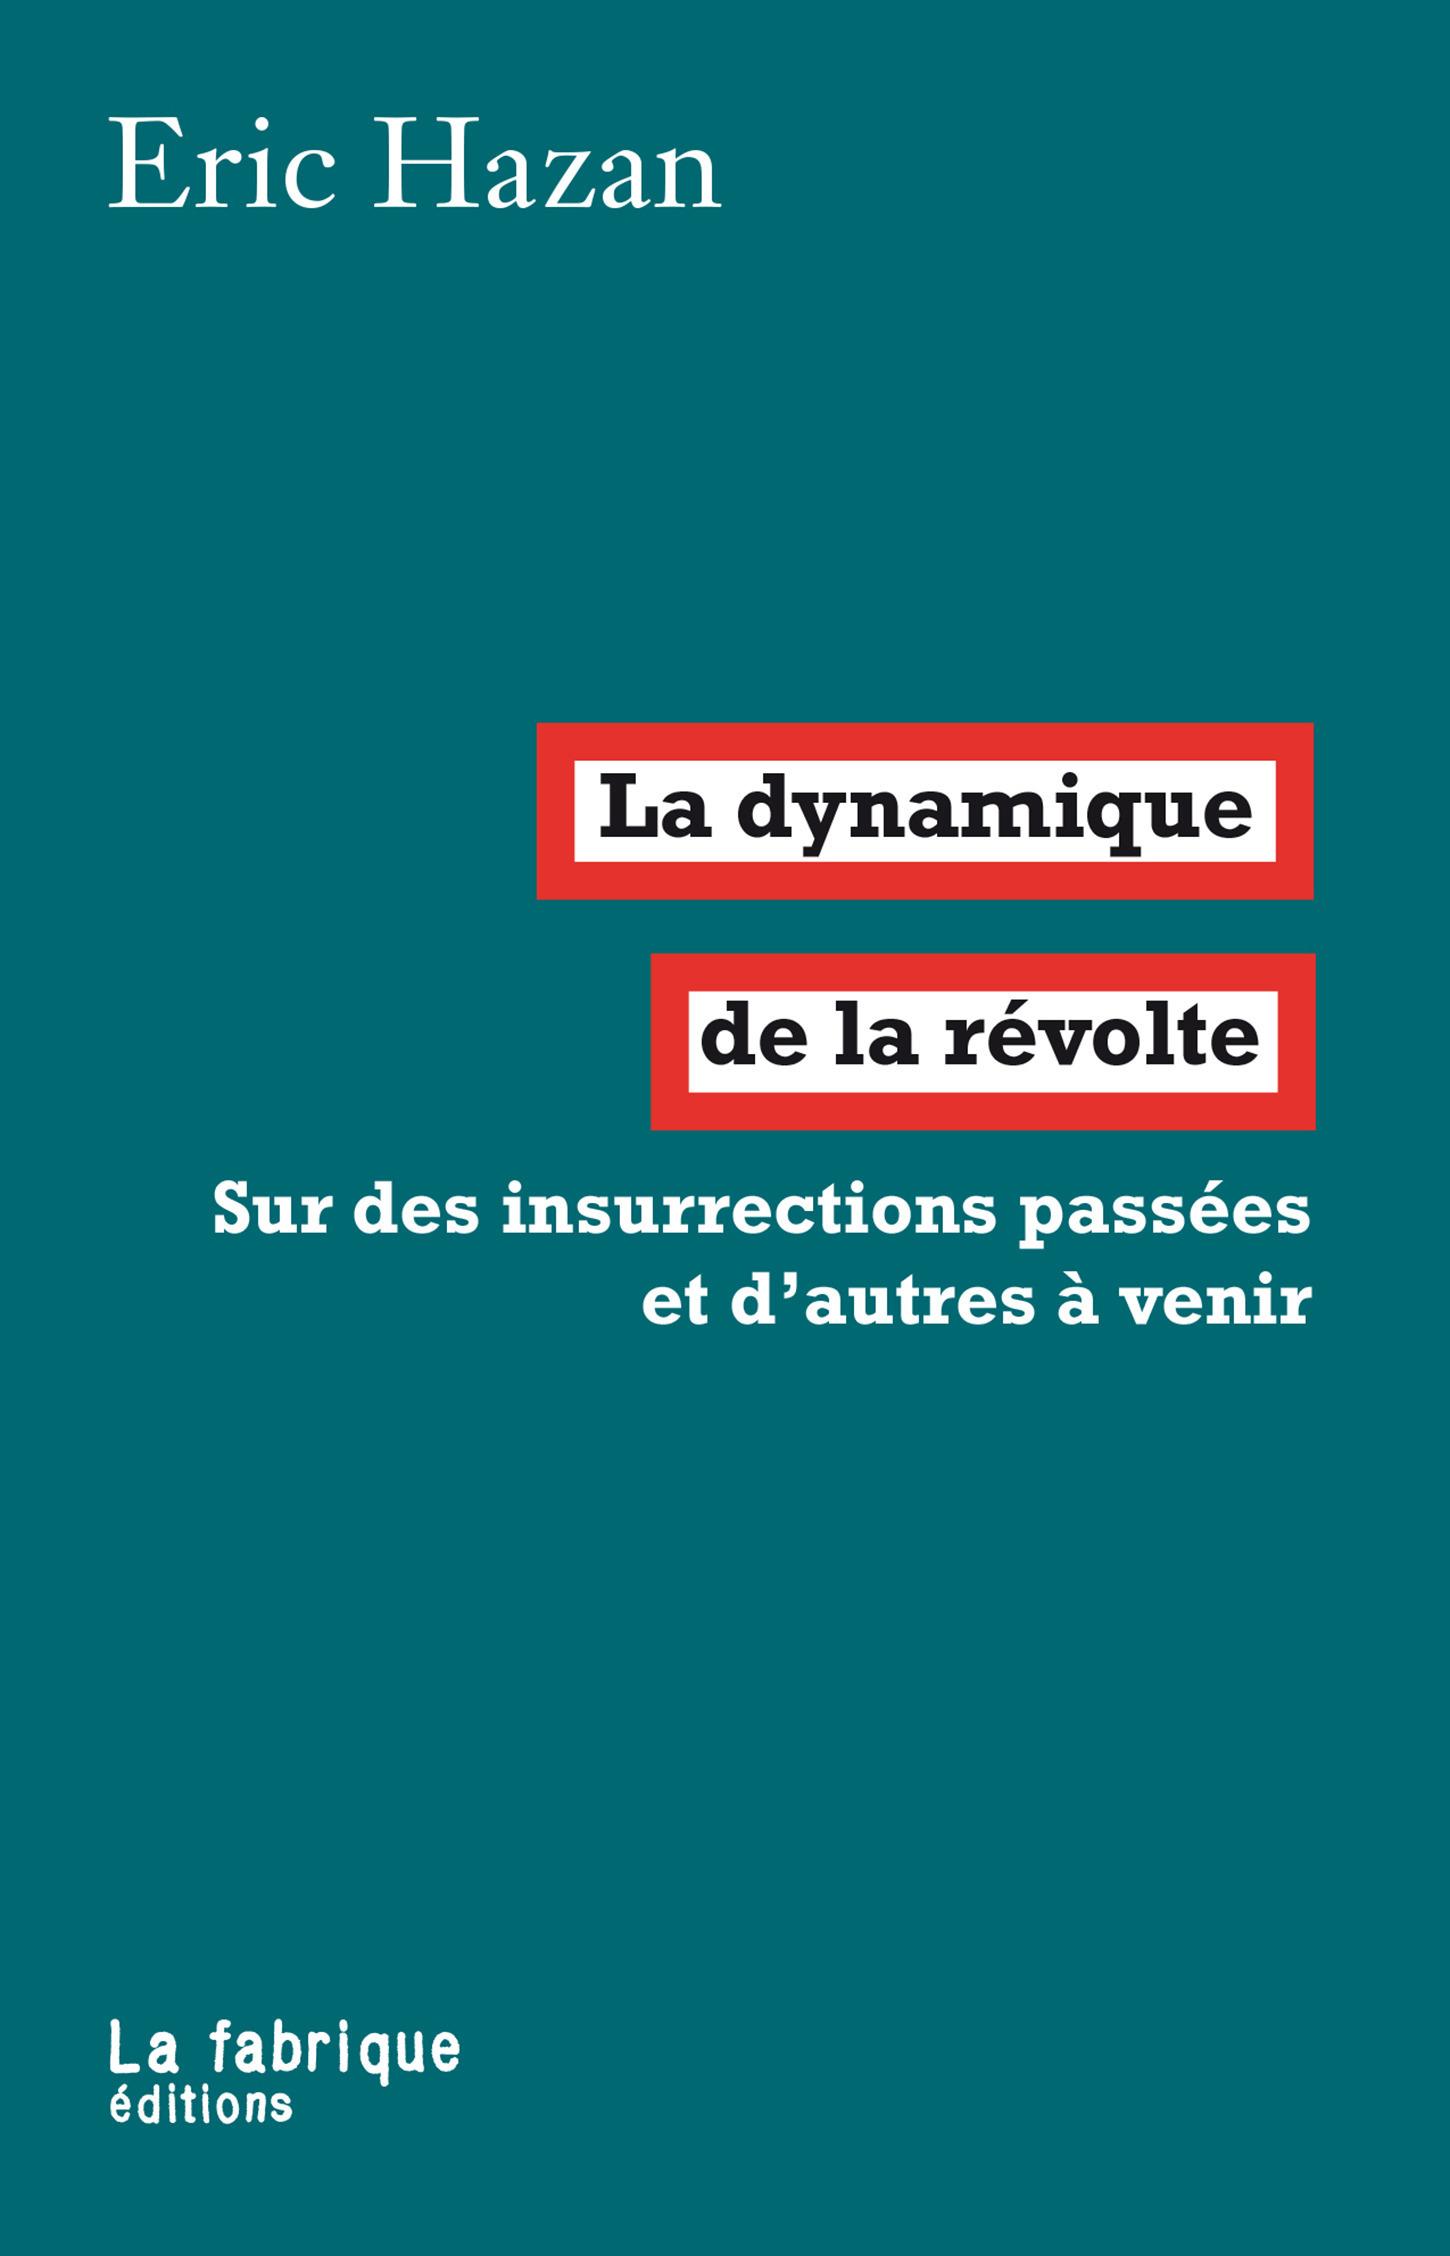 La dynamique de la révolte ; sur des insurrections passées et d'autres à venir